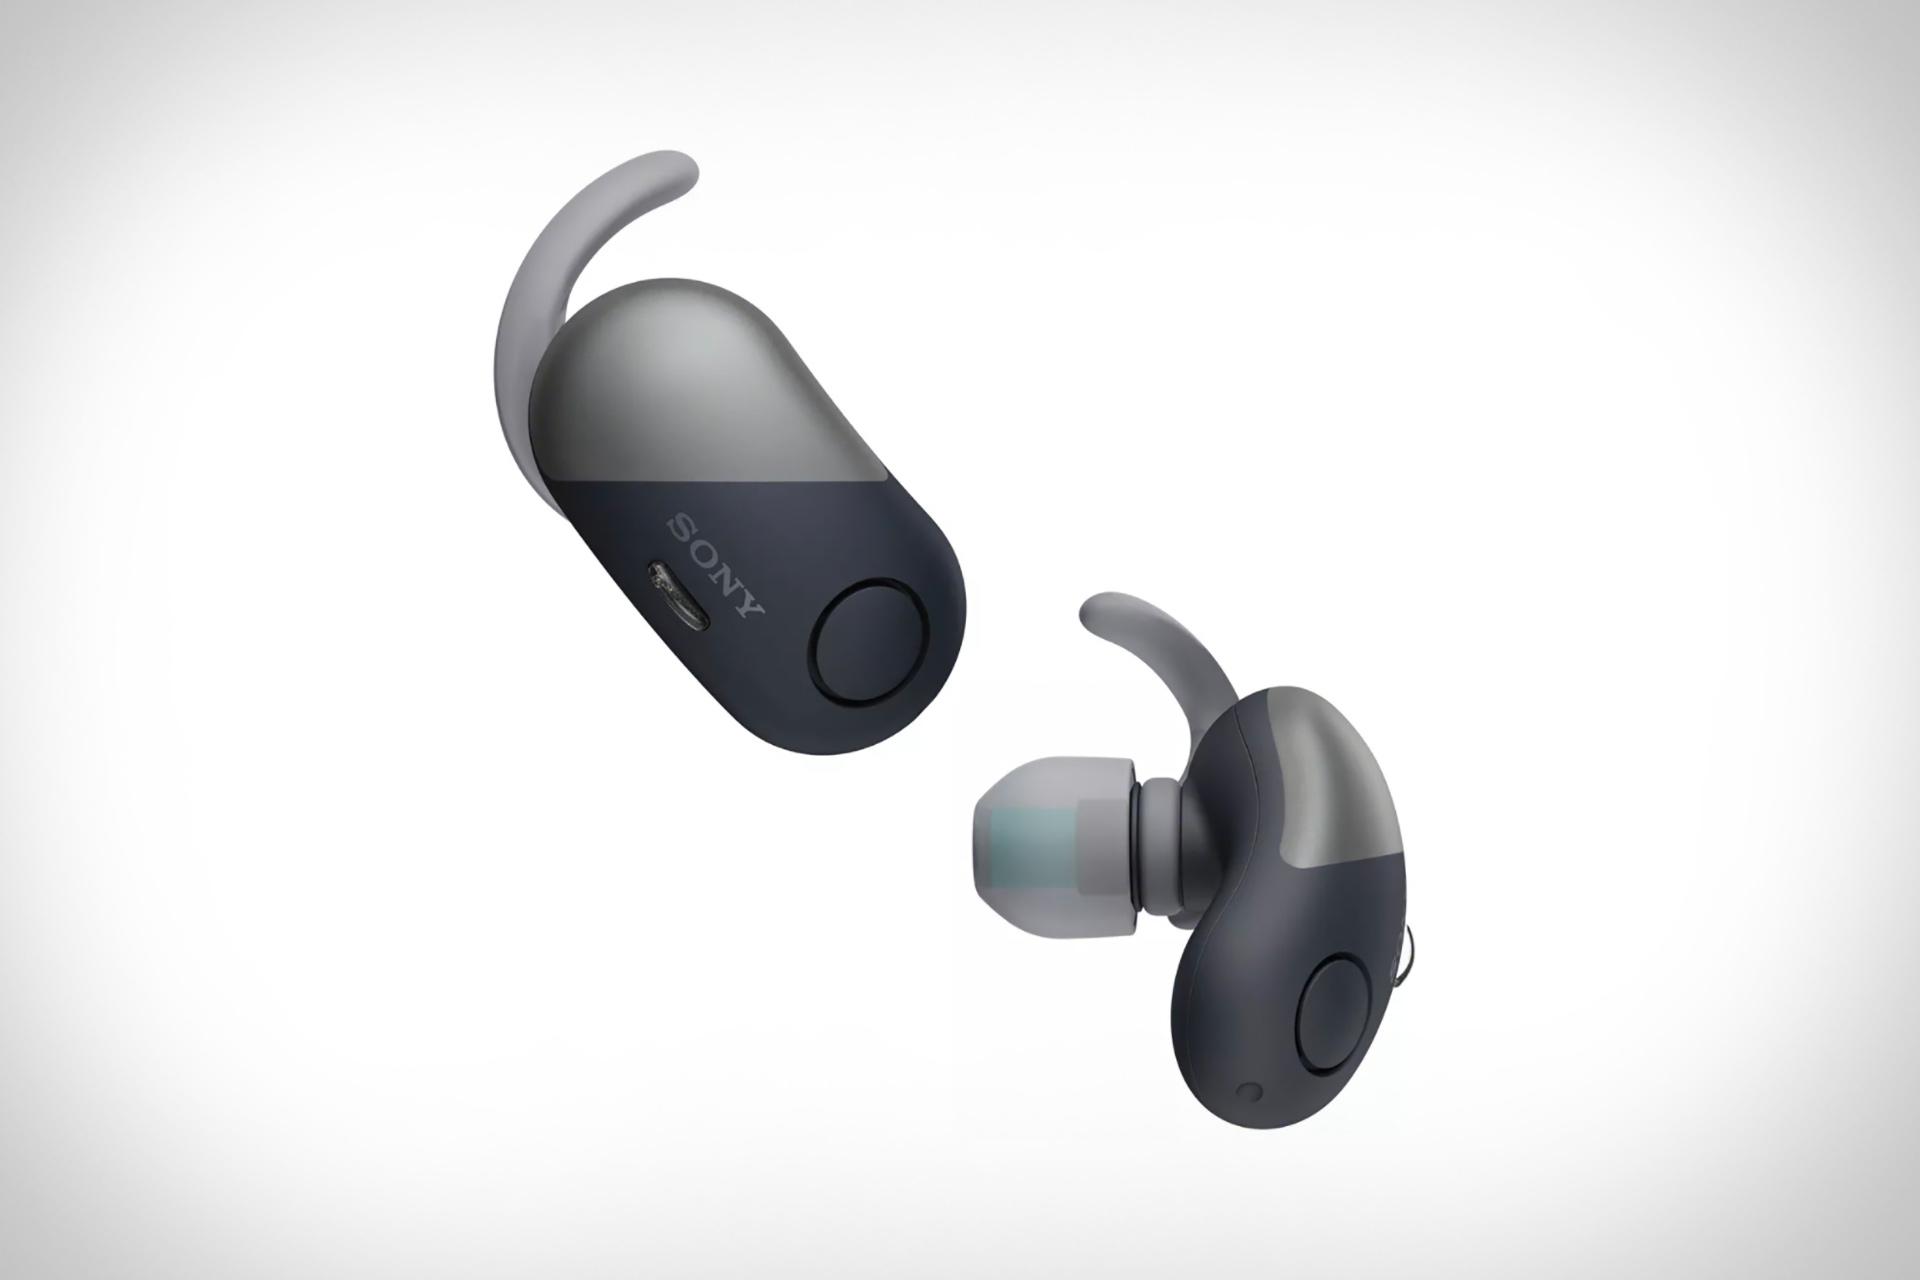 Sony Splash-Proof Wireless Headphones